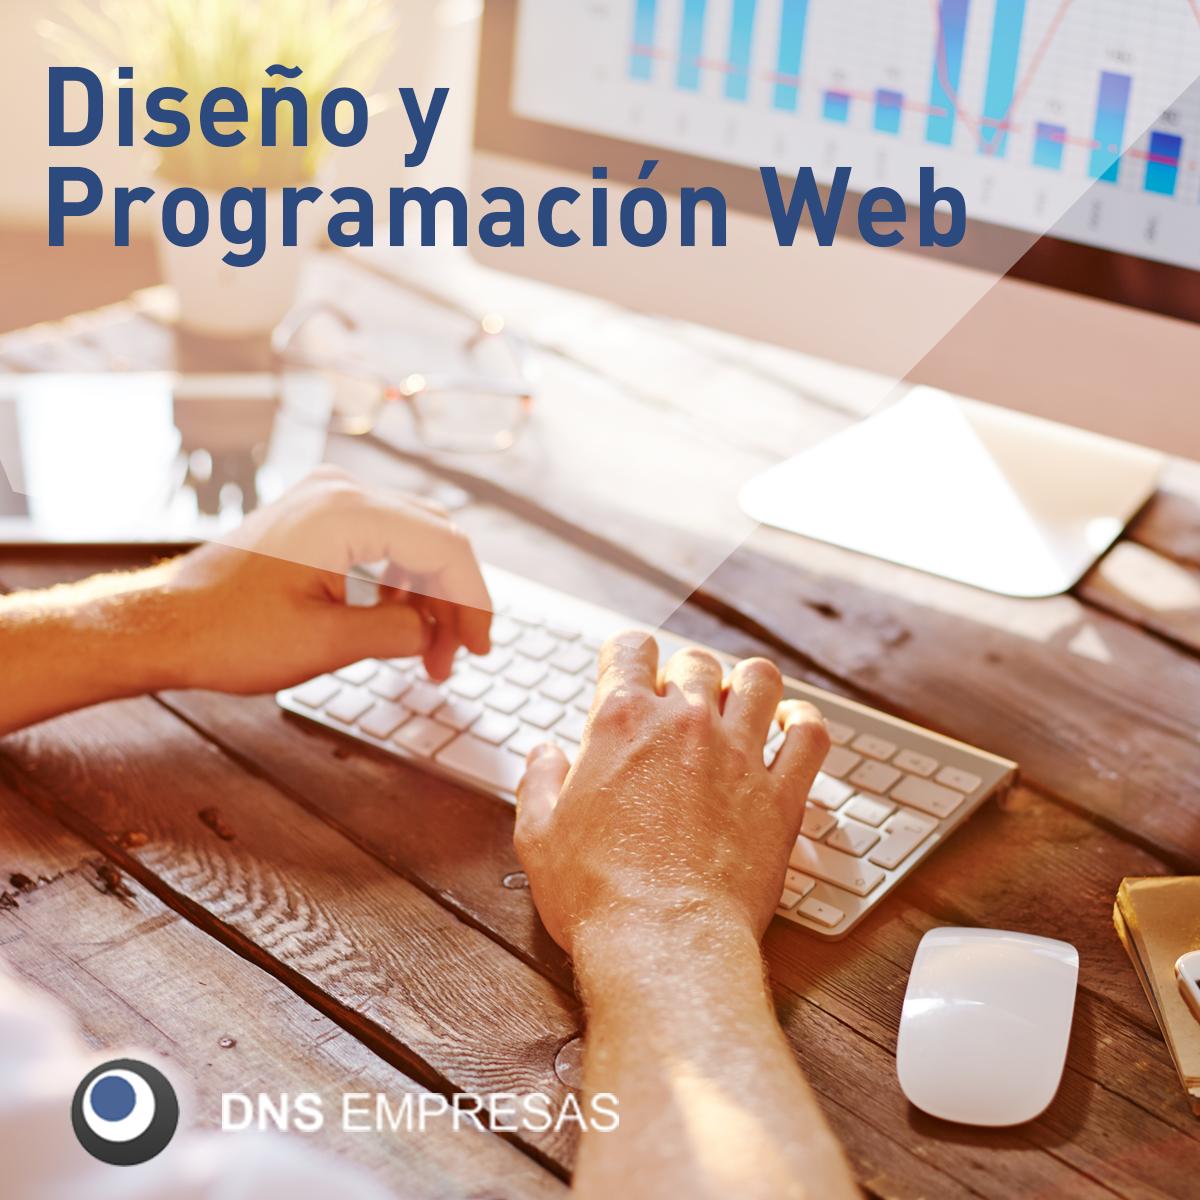 DNS Empresas. Diseño y programación web en Galicia